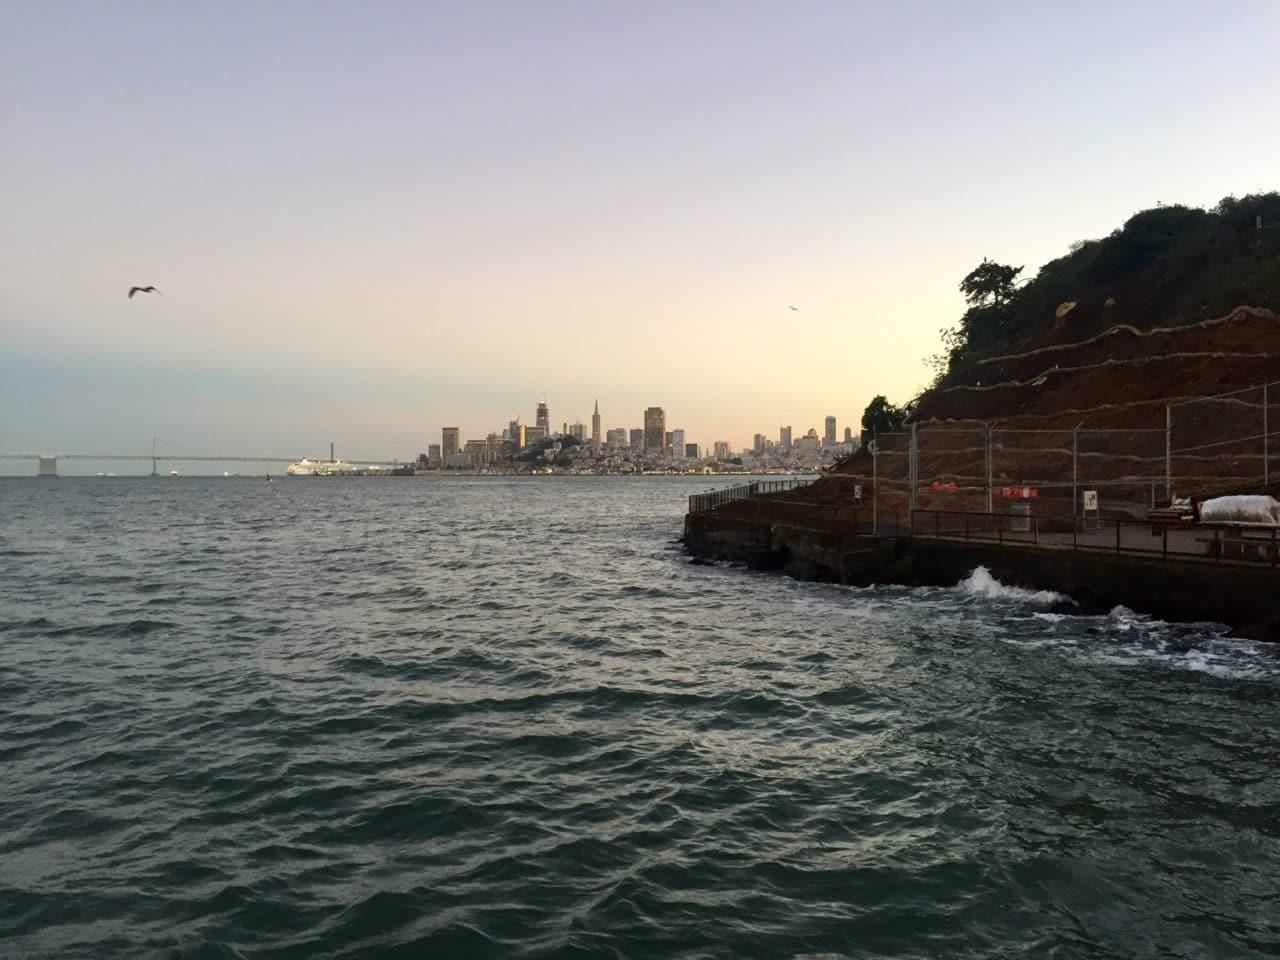 I Want To Buy Alcatraz Tour Tickets